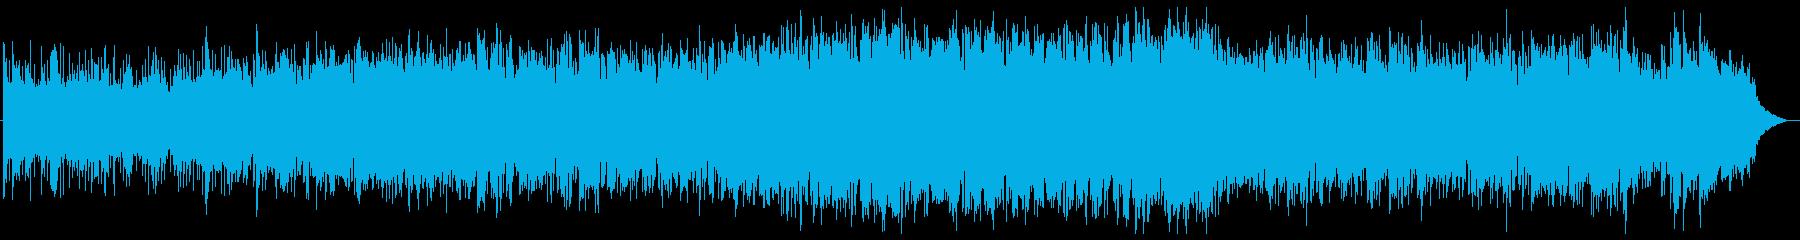 透明感のあるアンビエント/チルアウトの再生済みの波形